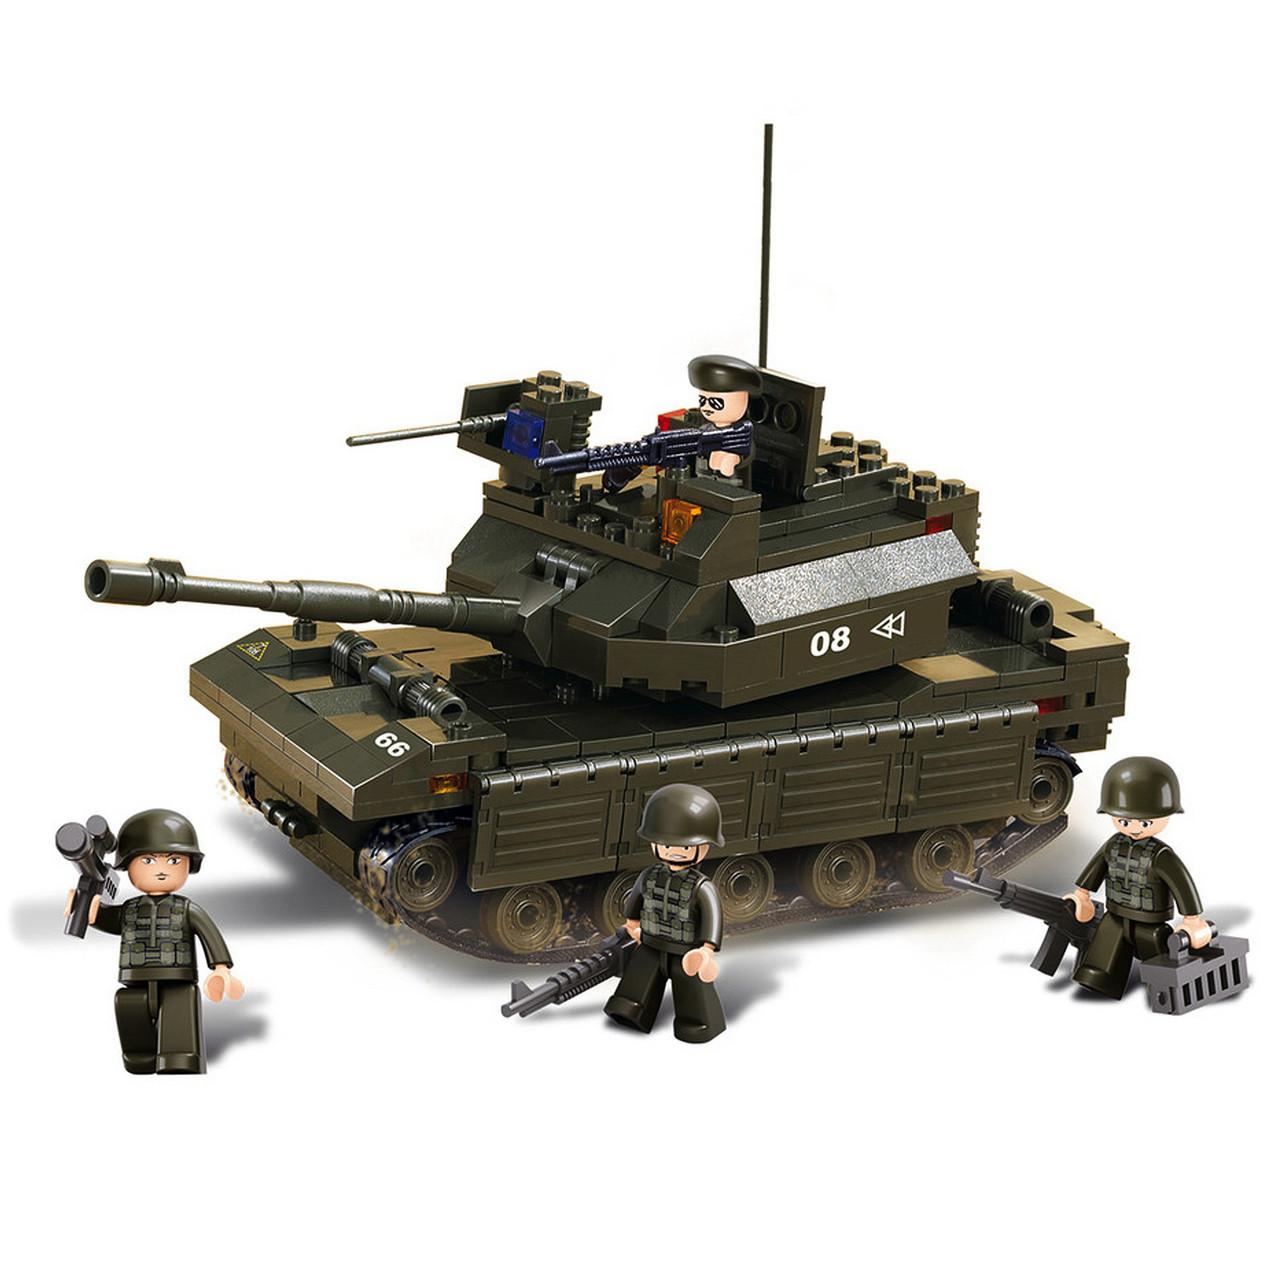 Конструктор «Sluban» (M38-B6500) танк, 312 элементов